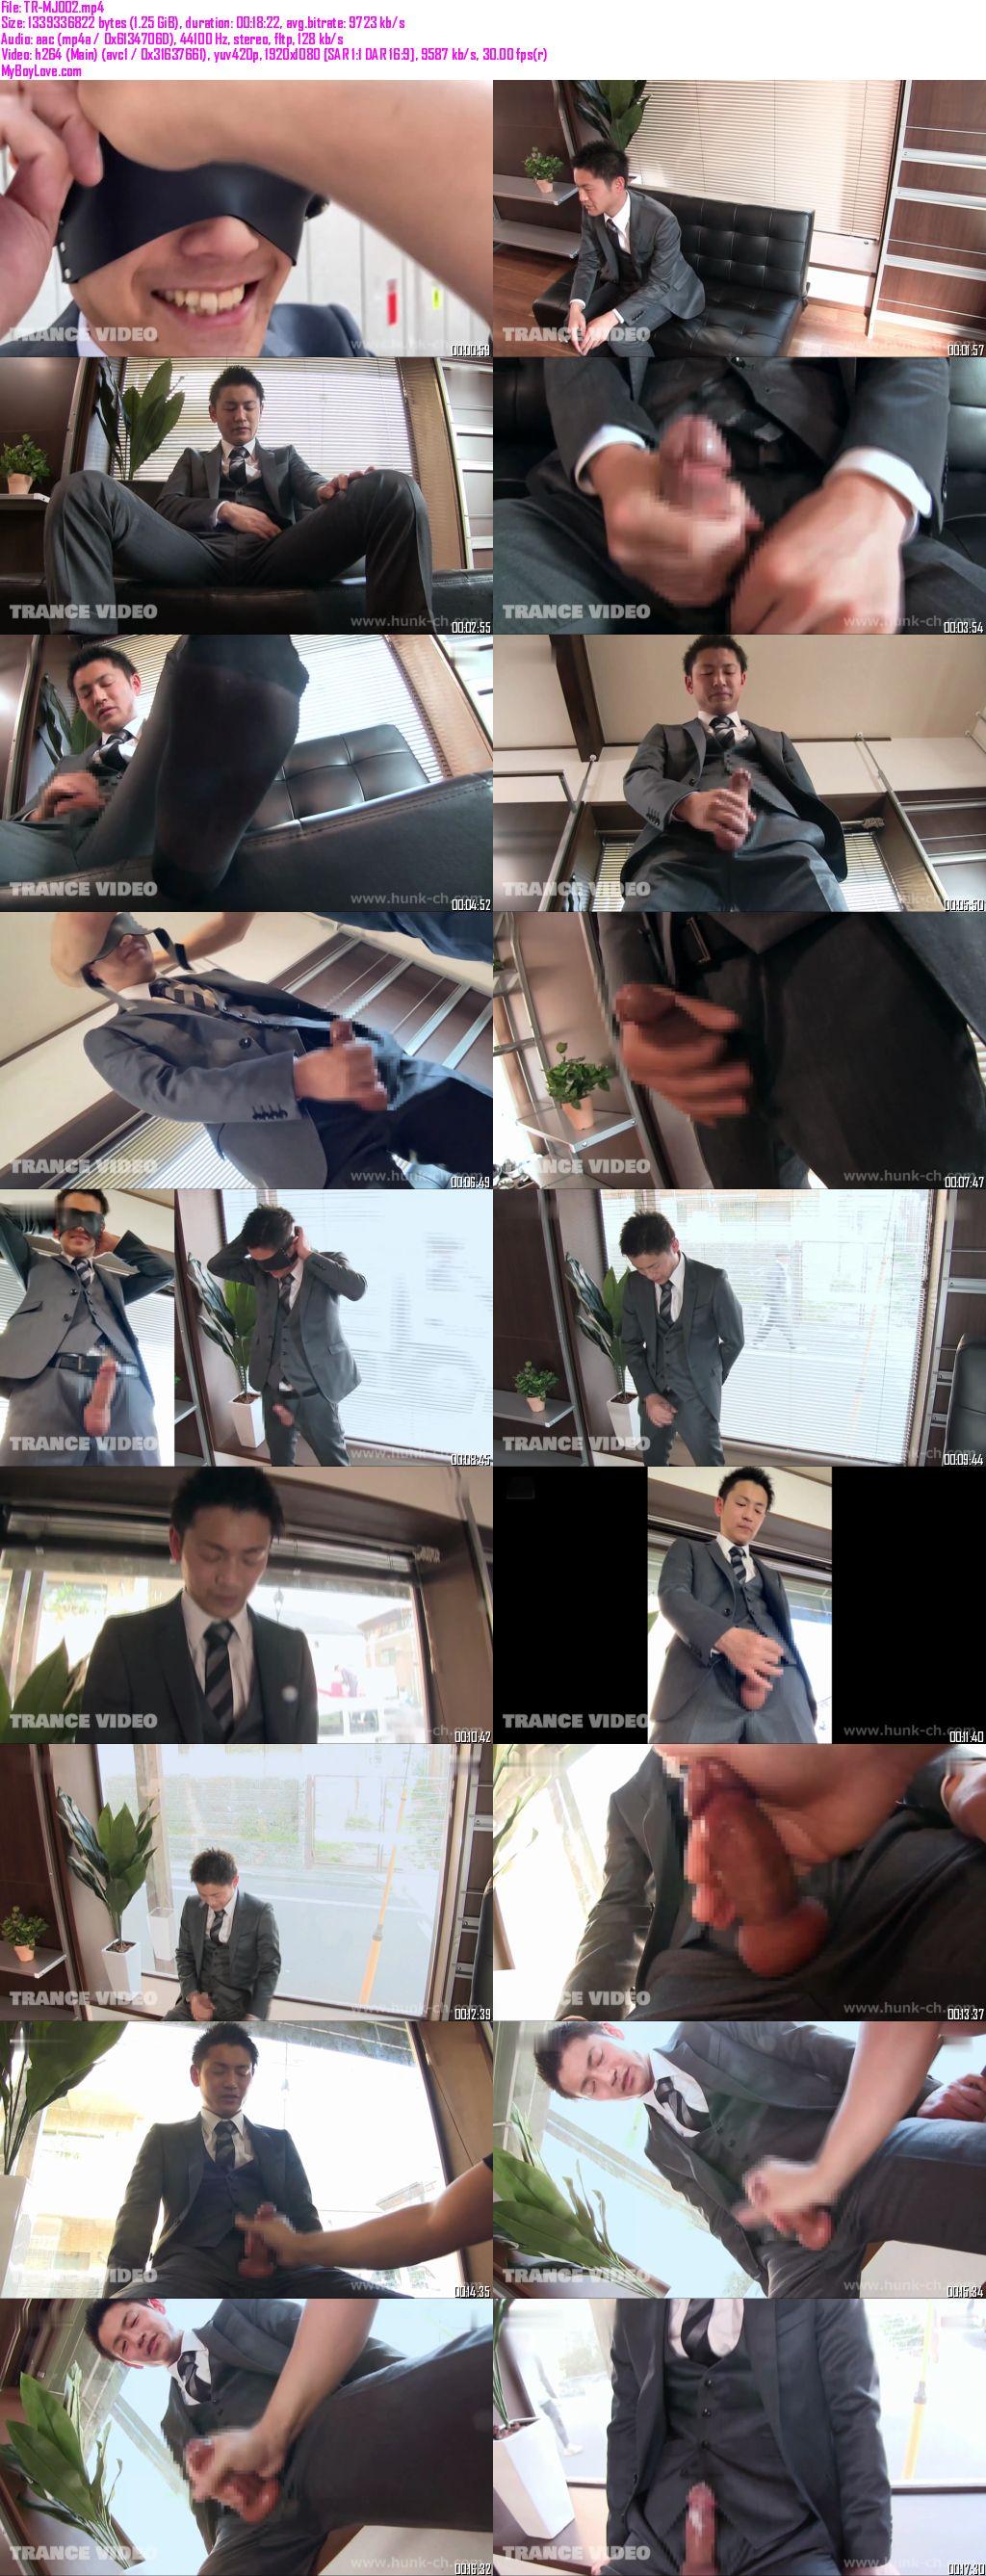 TRANCE VIDEO – TR-MJ002 – マジっすか!? part2